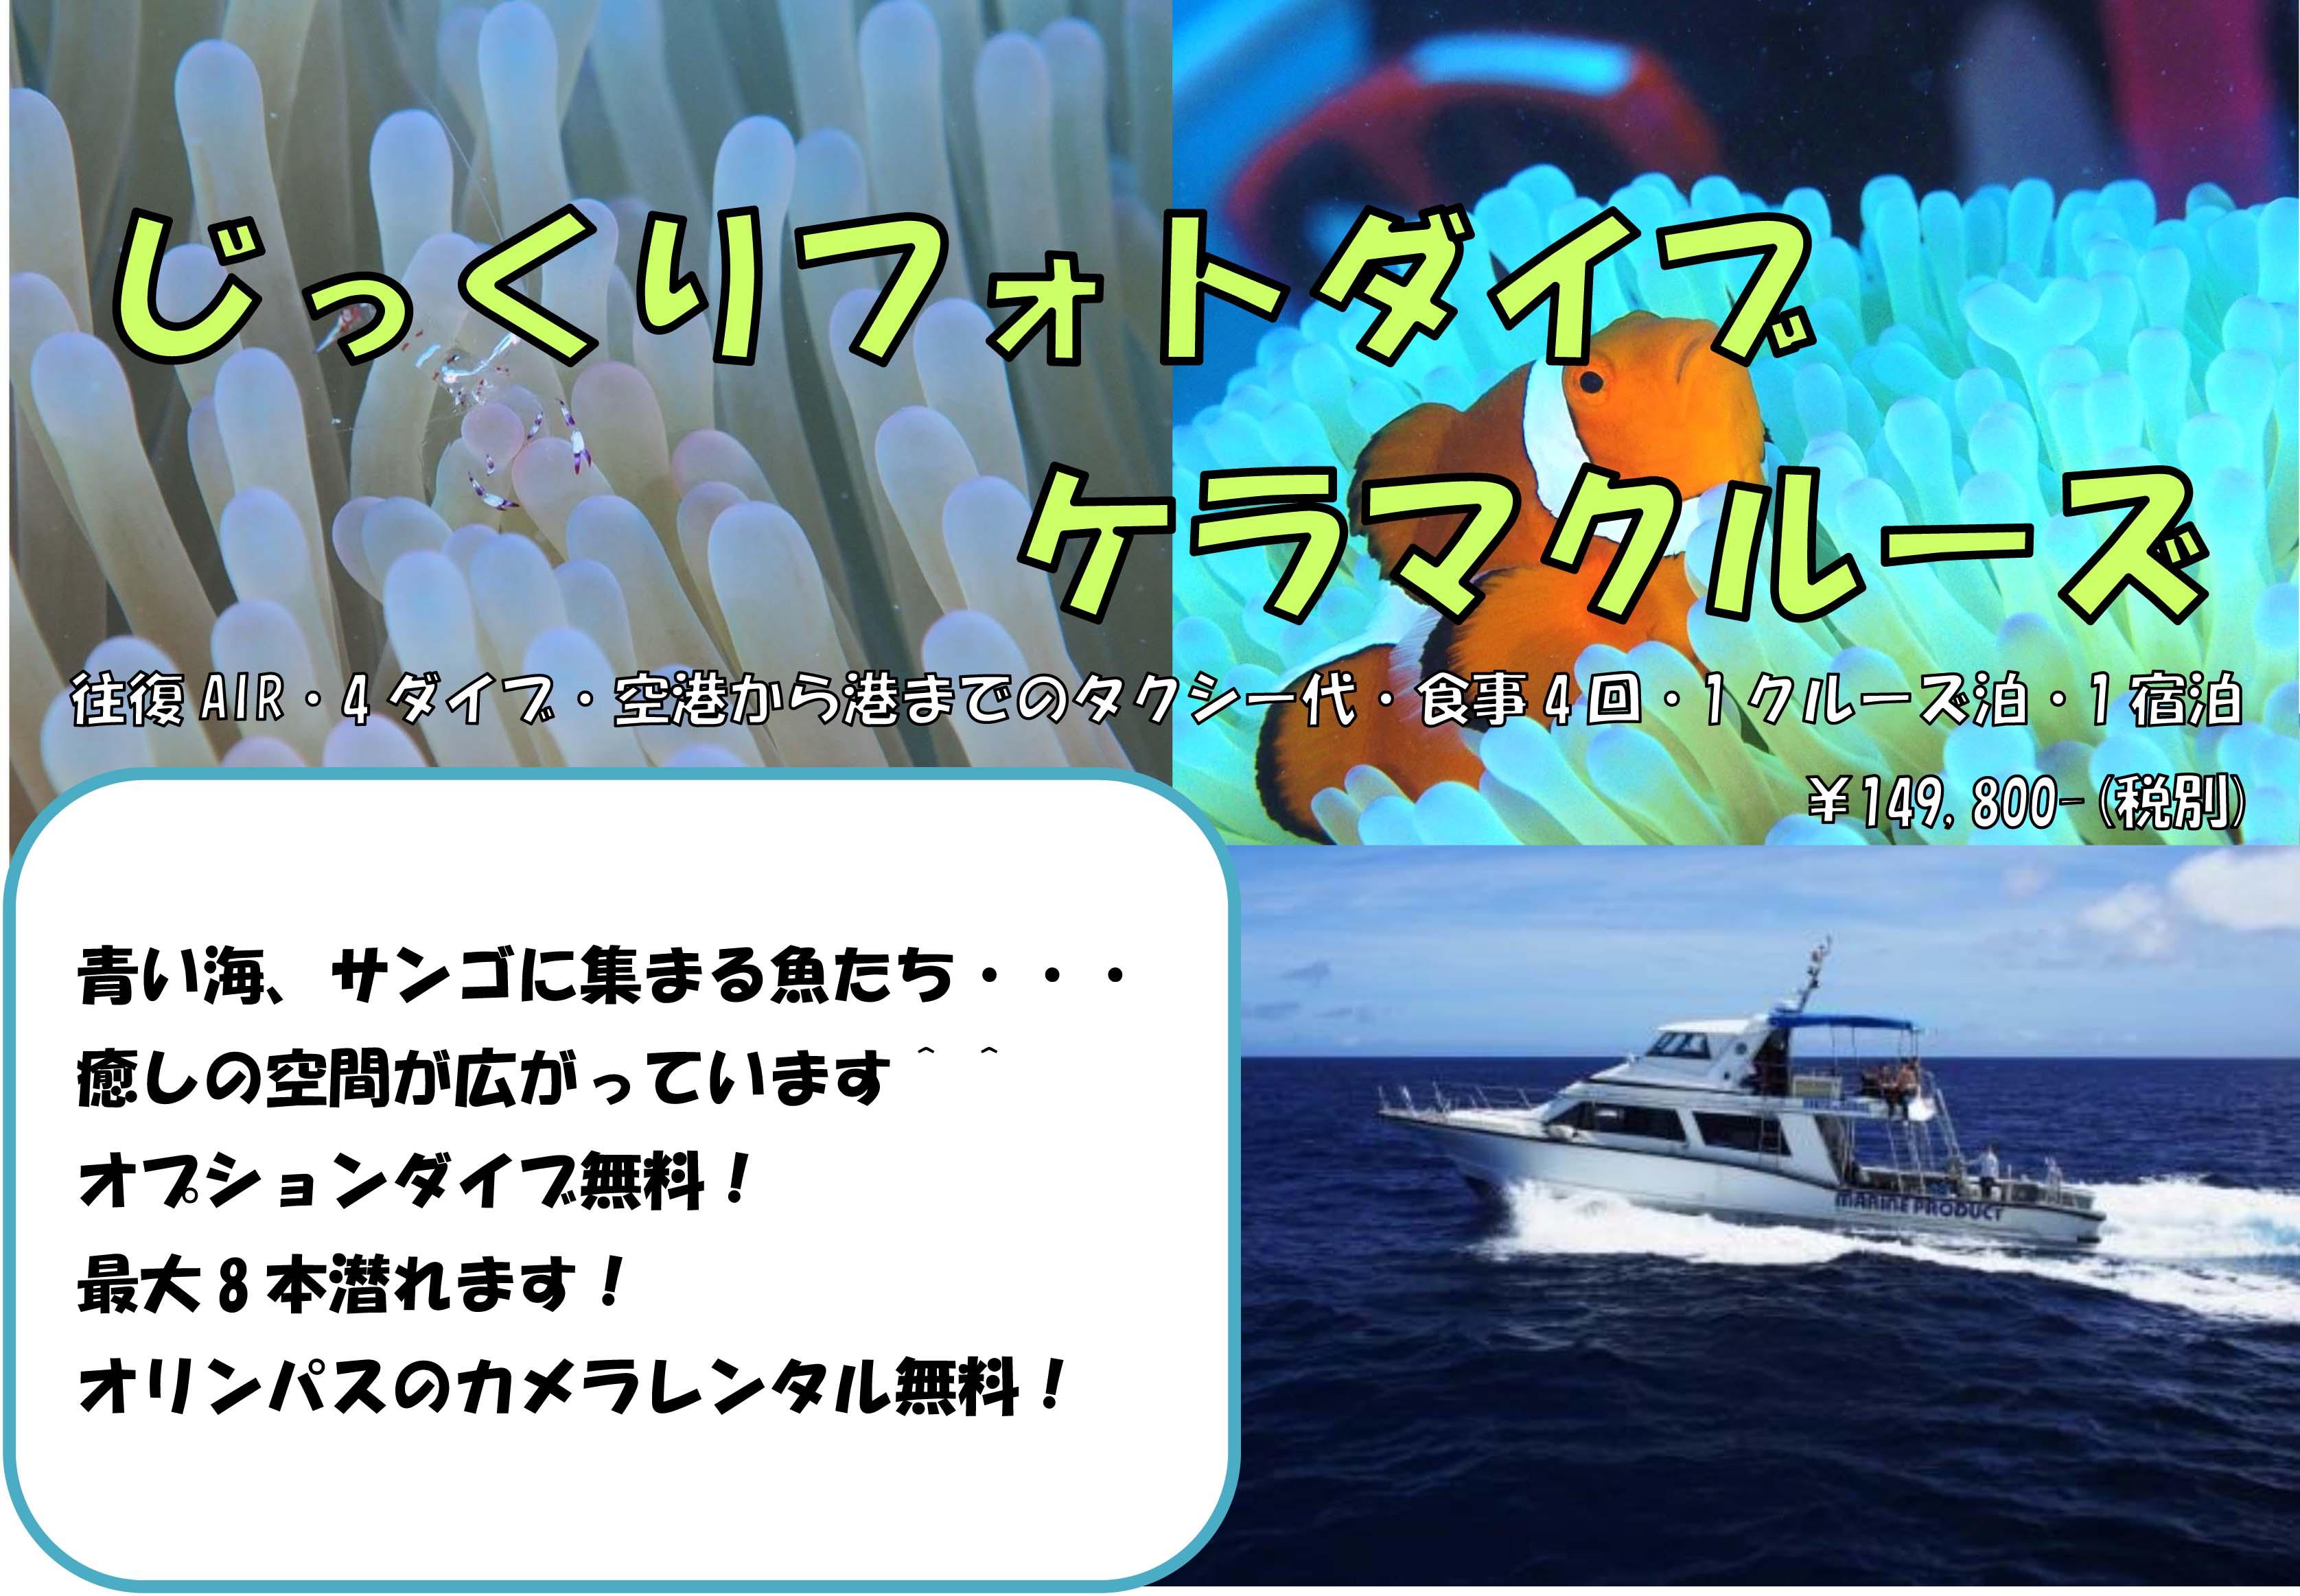 11/16(土)~18(日)じっくりフォトダイブ★ケラマクルーズ